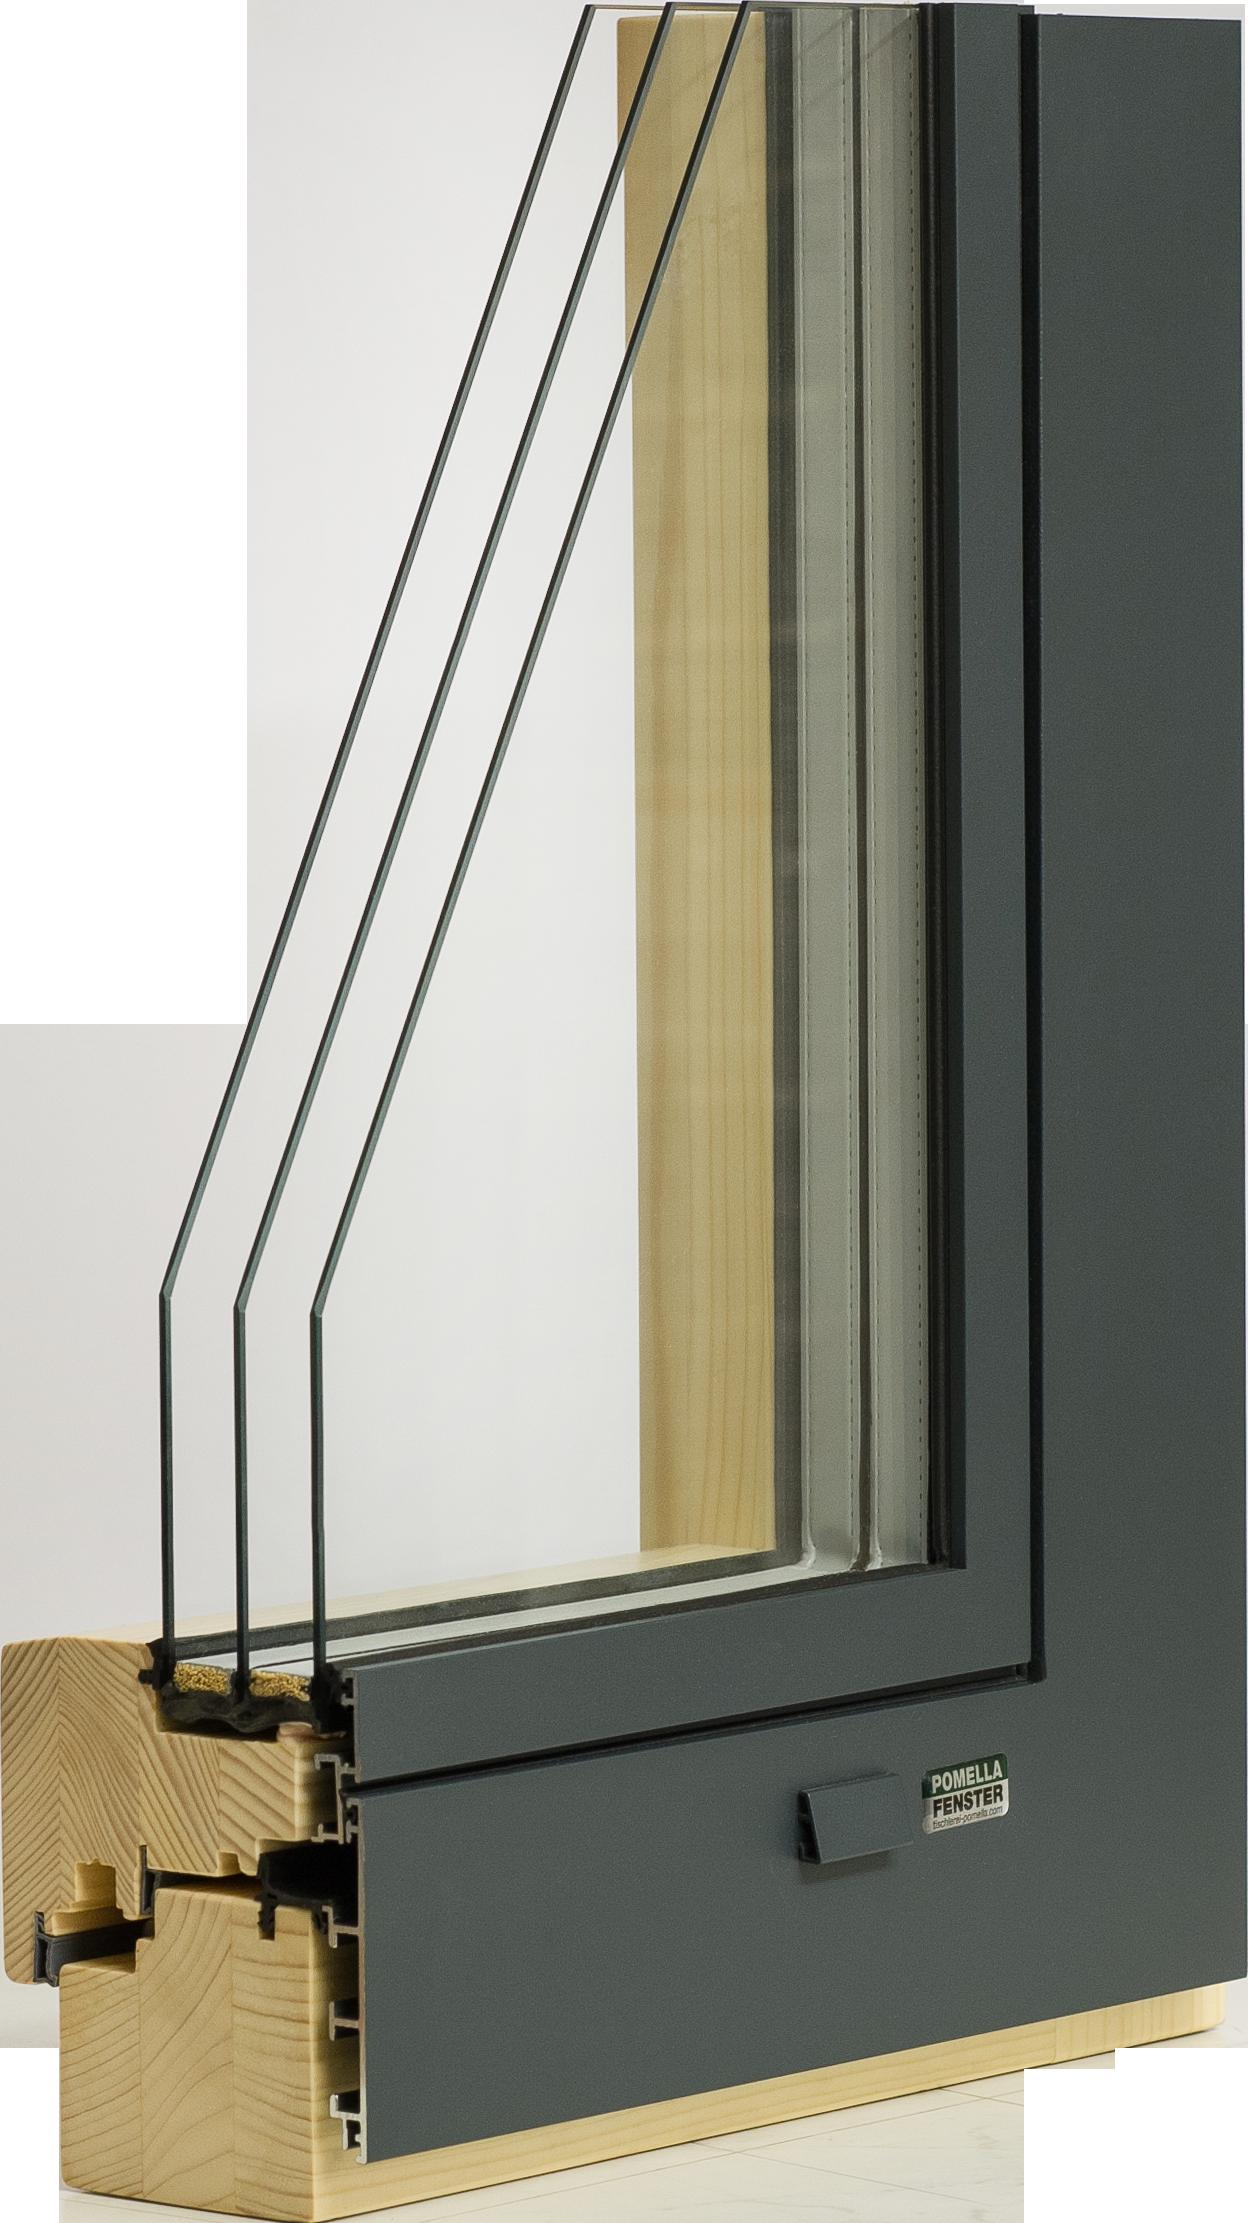 Full Size of Fenster Holz Alu Preisvergleich Kosten Pro Qm Kostenvergleich Kunststoff Holz Alu Preis Kaufen Aluminium Preisunterschied Preise Hersteller Preisliste Mit 3 Fenster Fenster Holz Alu